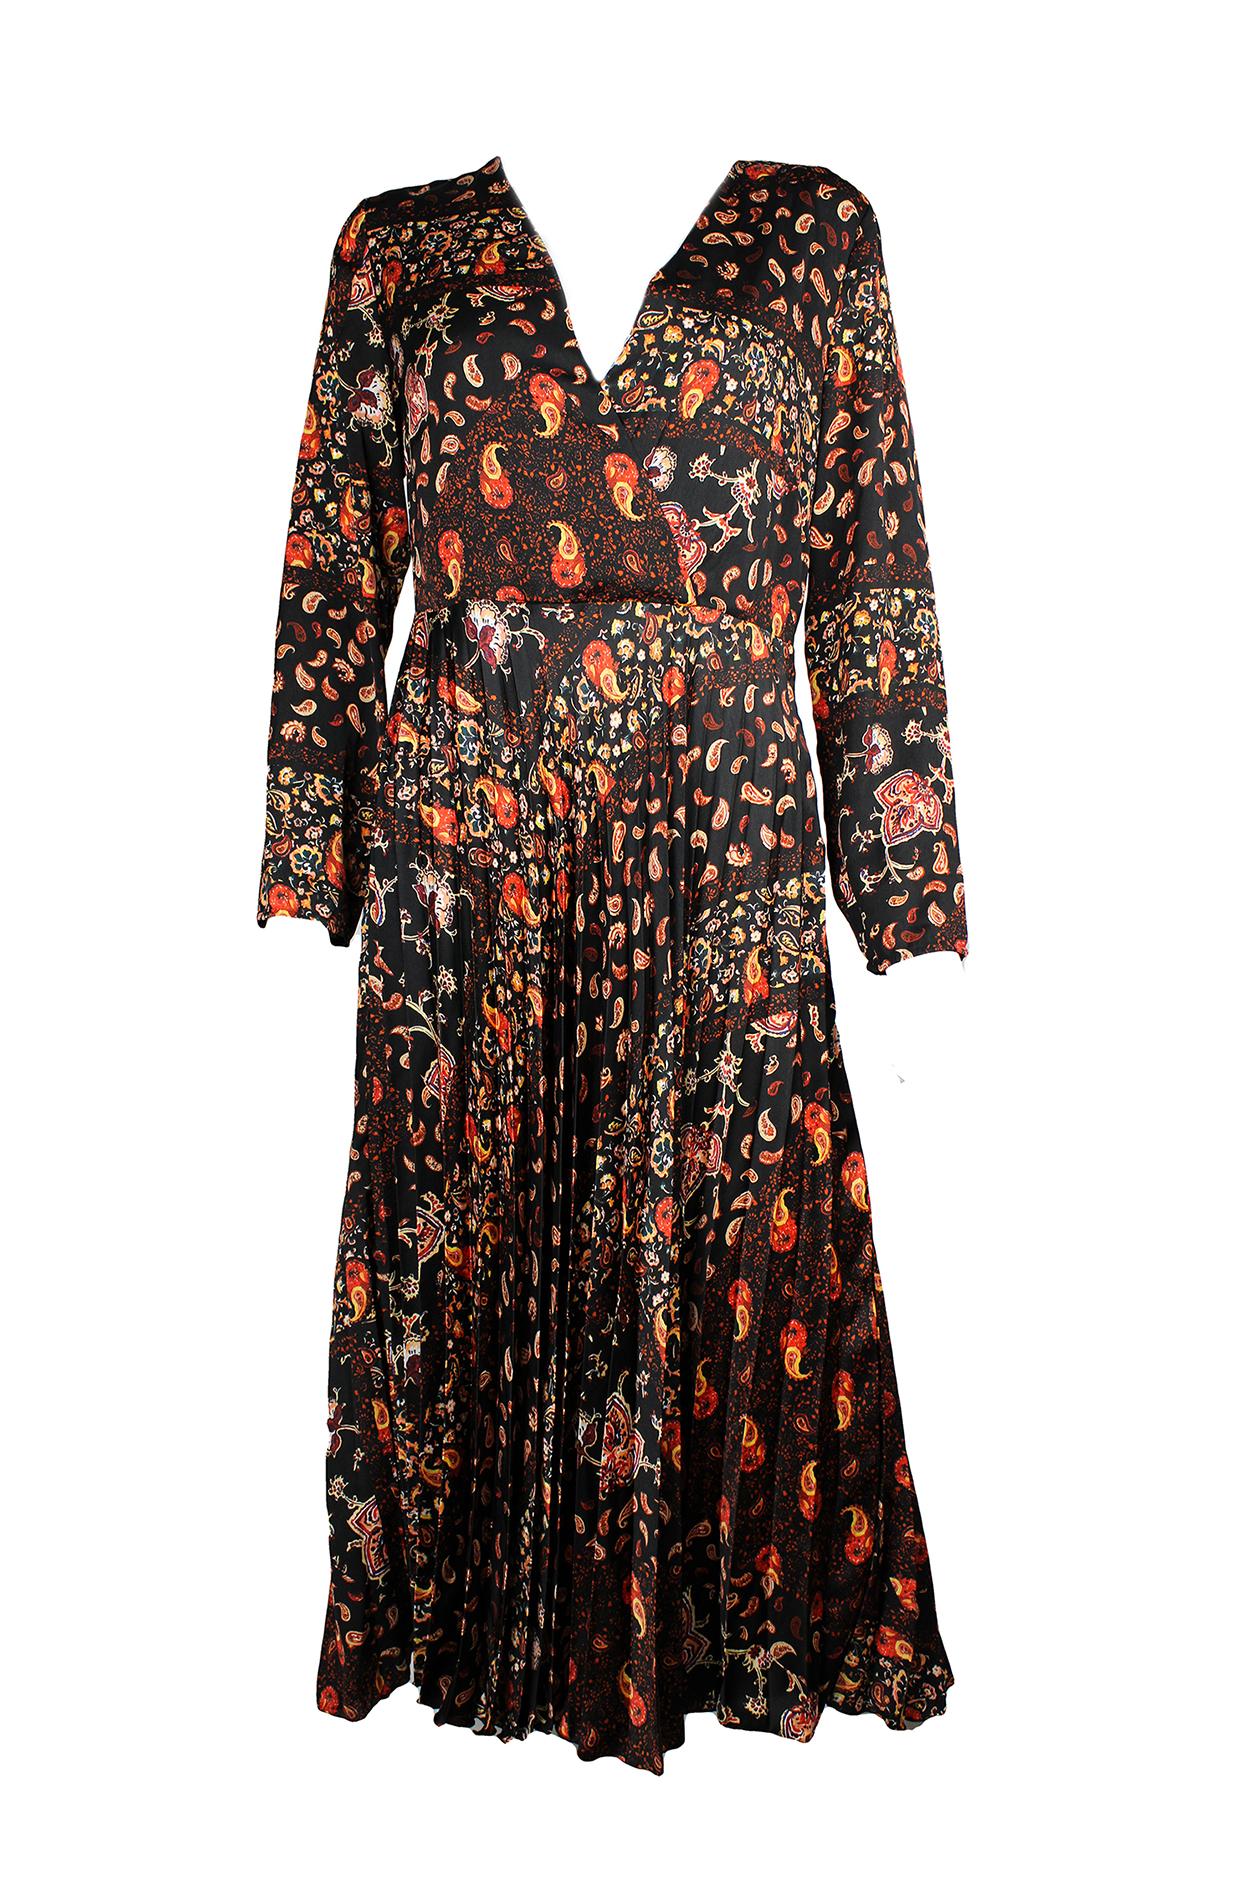 Vestido estampado 23.11.20 - 28.11.20